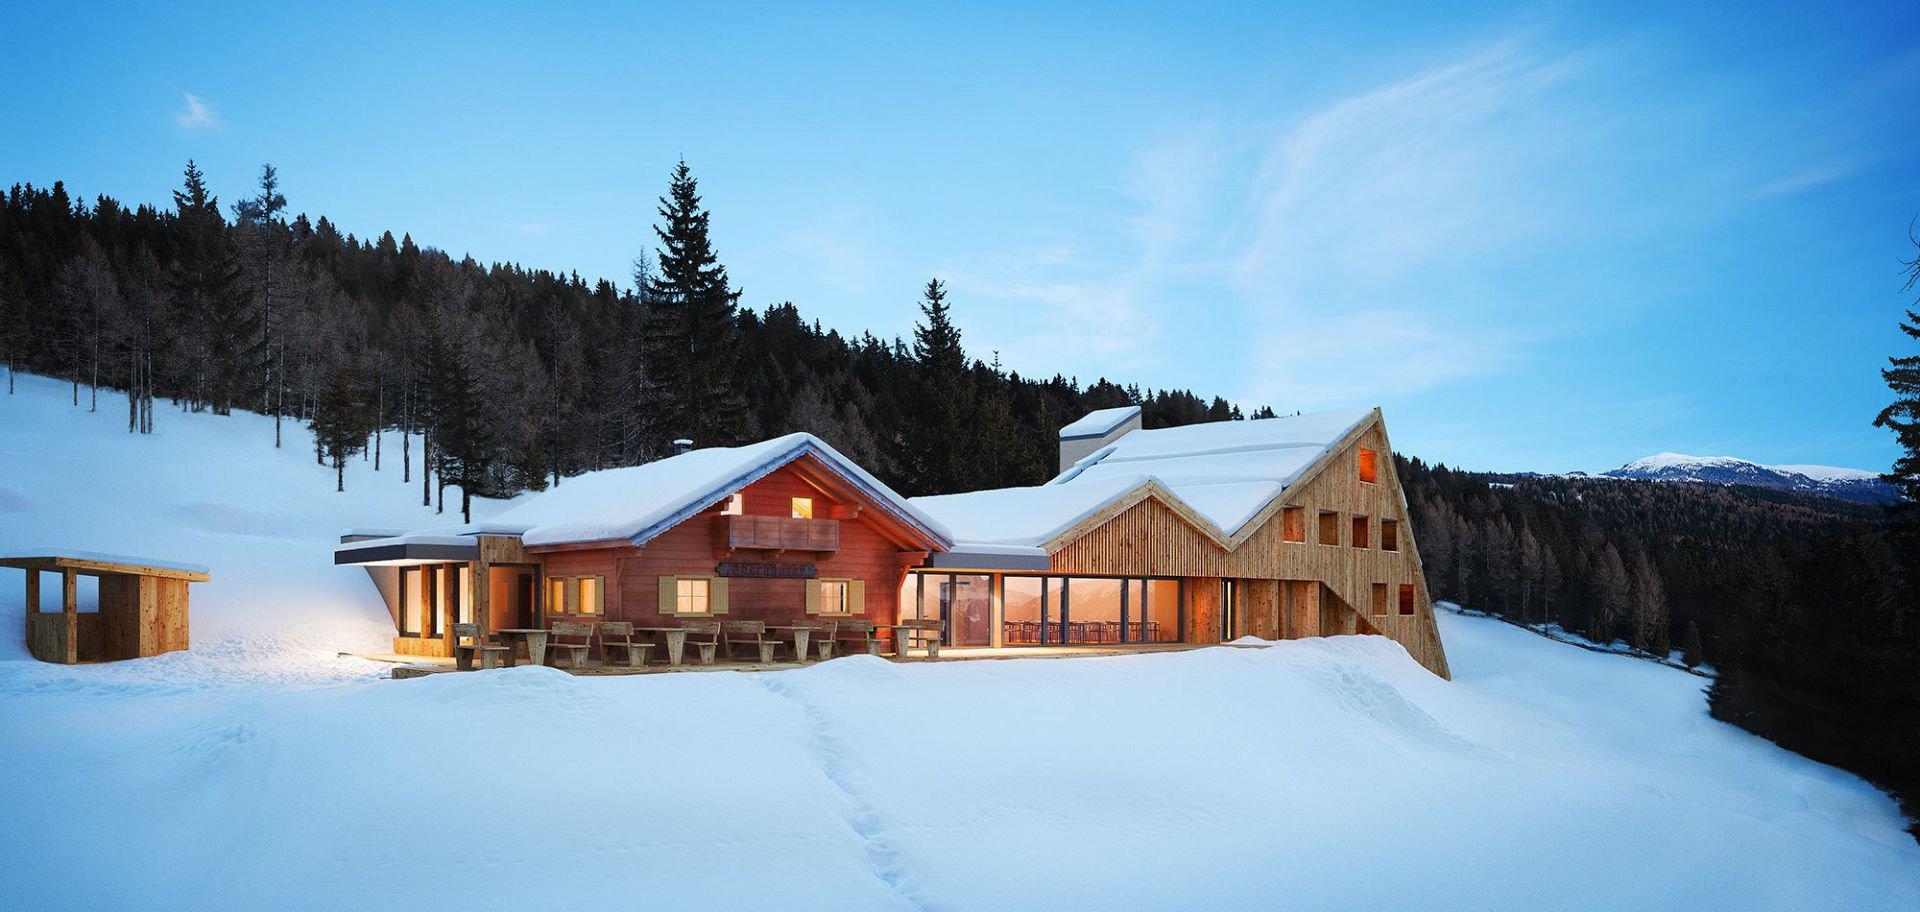 Stressfreier Urlaub im Berghüttenhotel